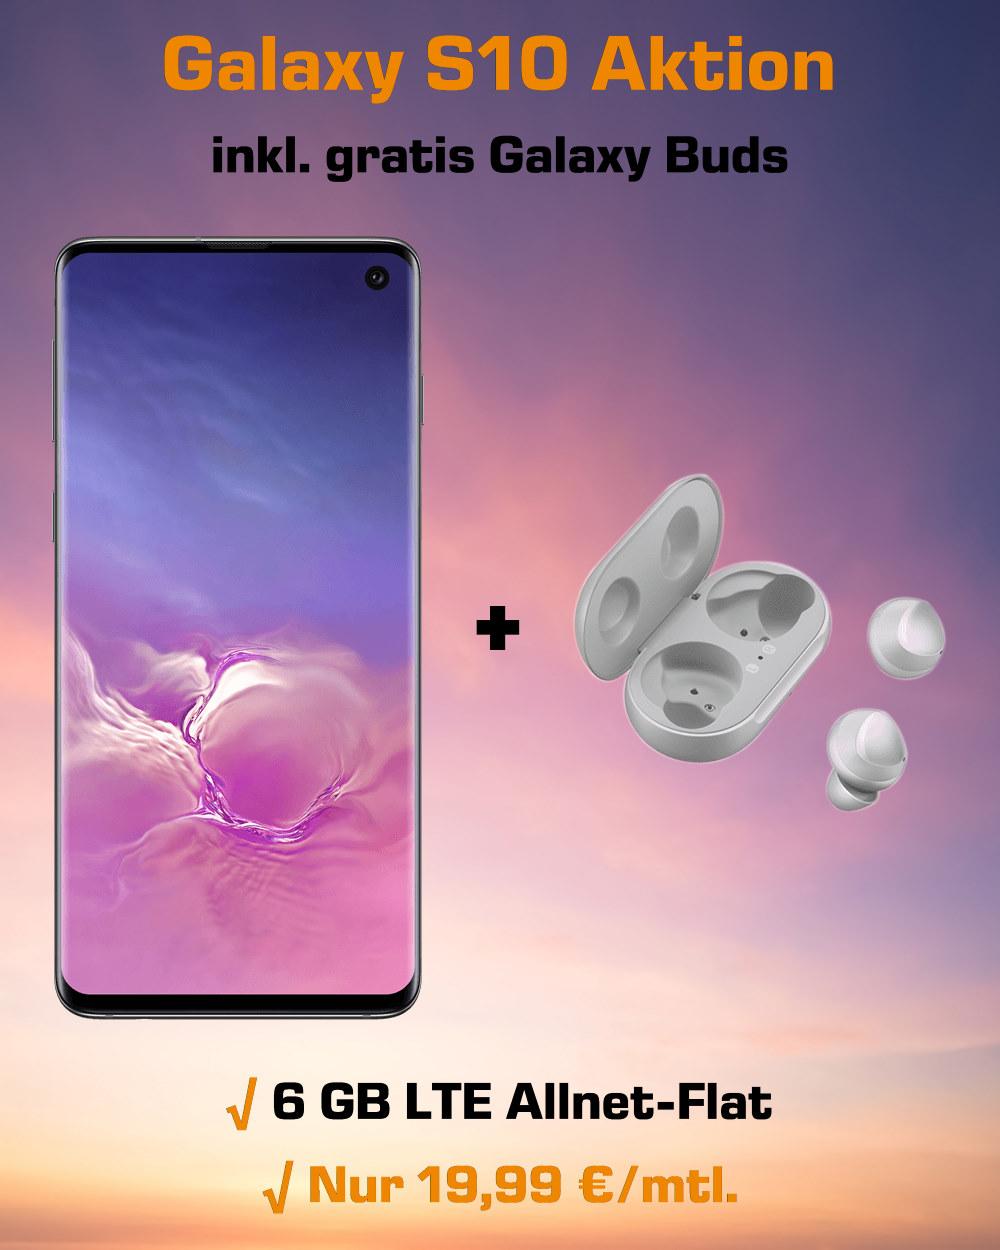 Galaxy S10 inkl. gratis Galaxy Buds und 6 GB LTE zum absoluten Bestpreis